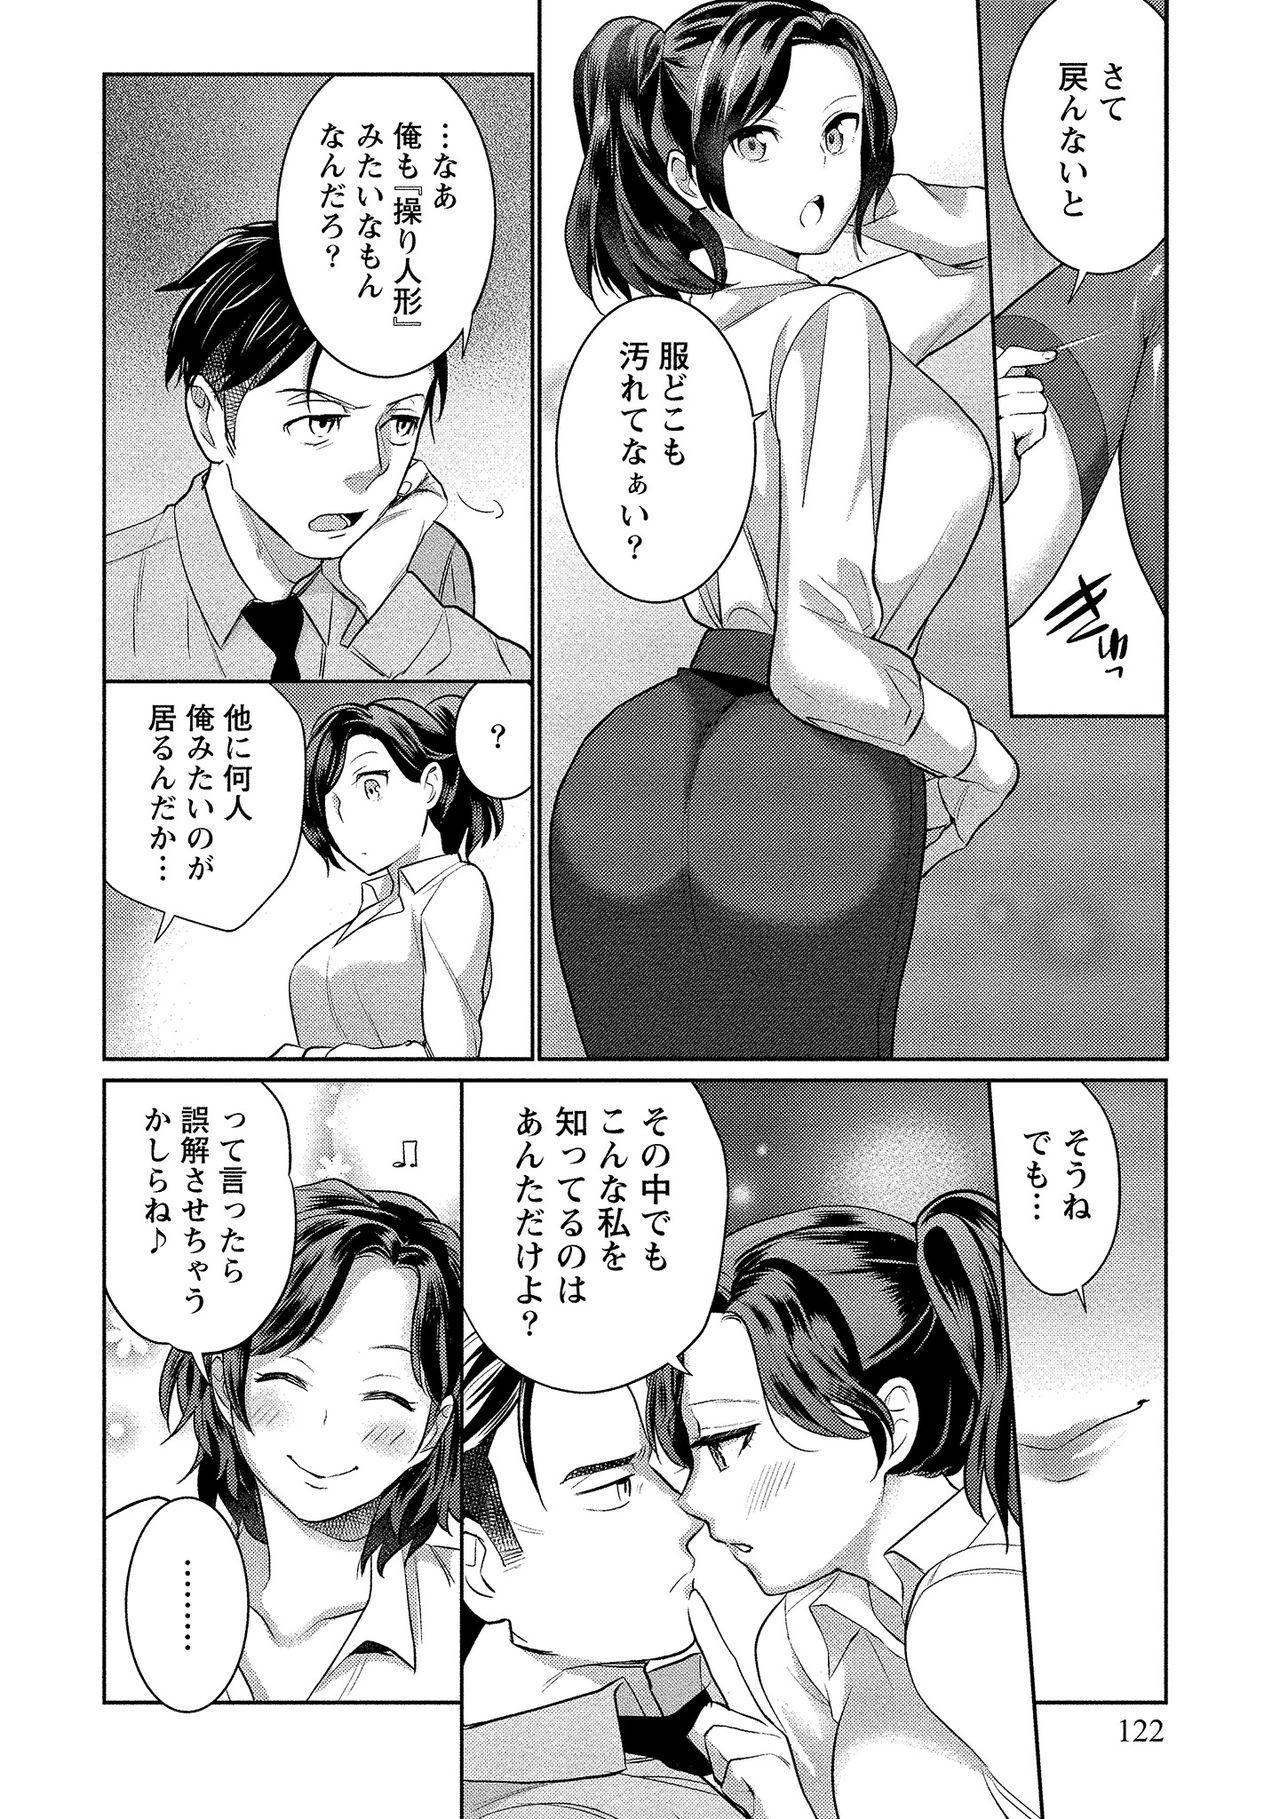 Dorobou Neko wa Kanojo no Hajimari 122